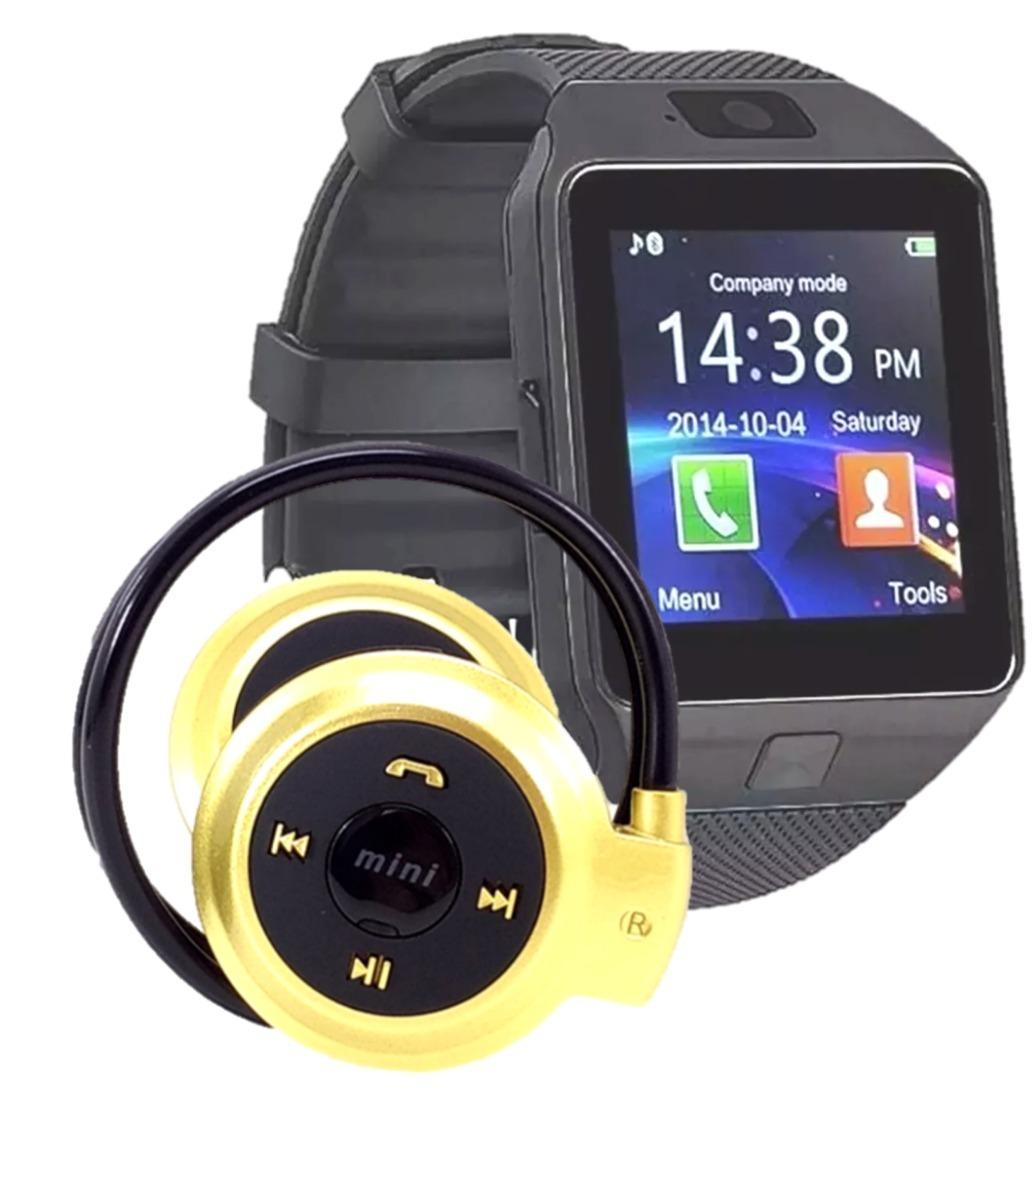 5a3c0f3afec Relógio Celular Chip Smartwatch Dz09 + Fone Ouvido Bluetooth - R  84 ...